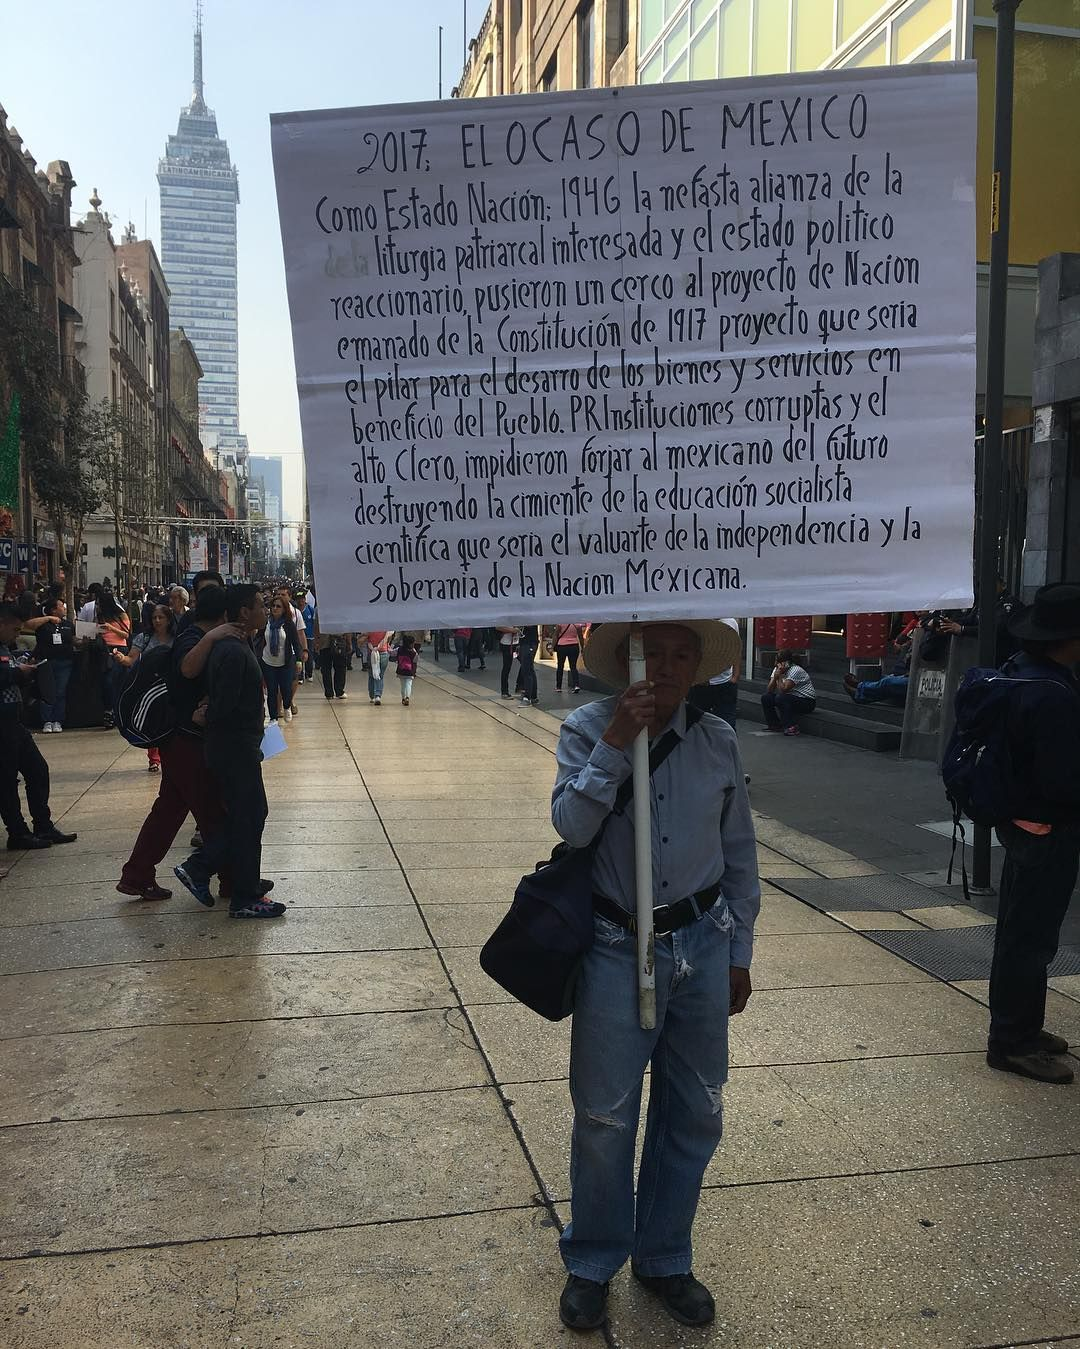 El ocaso mexicano será? #Gasolinazo #NoAlGasolinazo